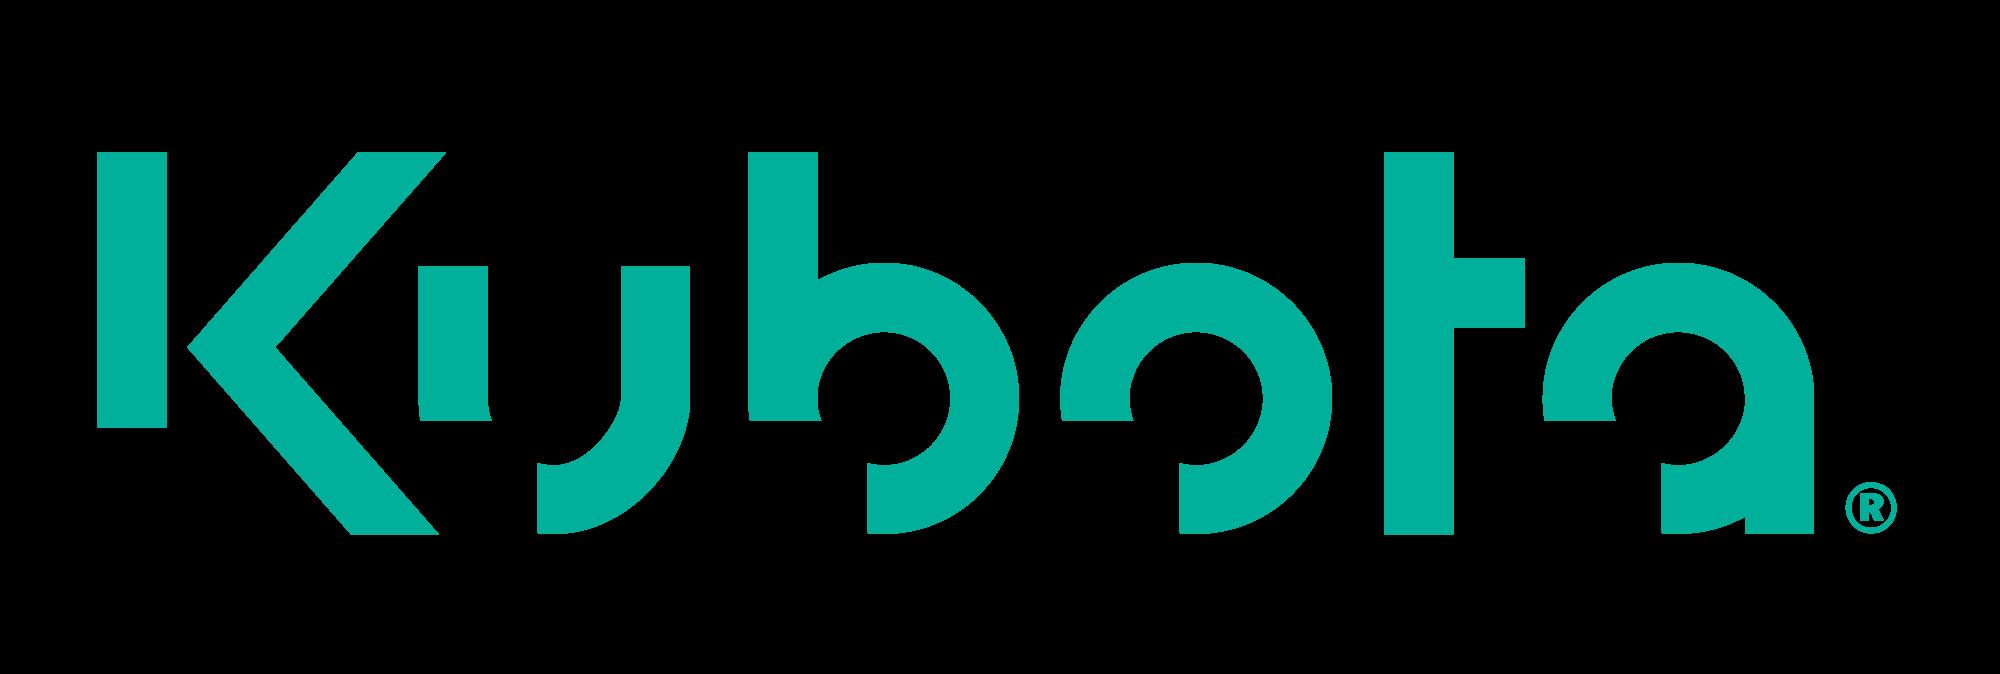 Kubota-Logo_svg_2000_674.png